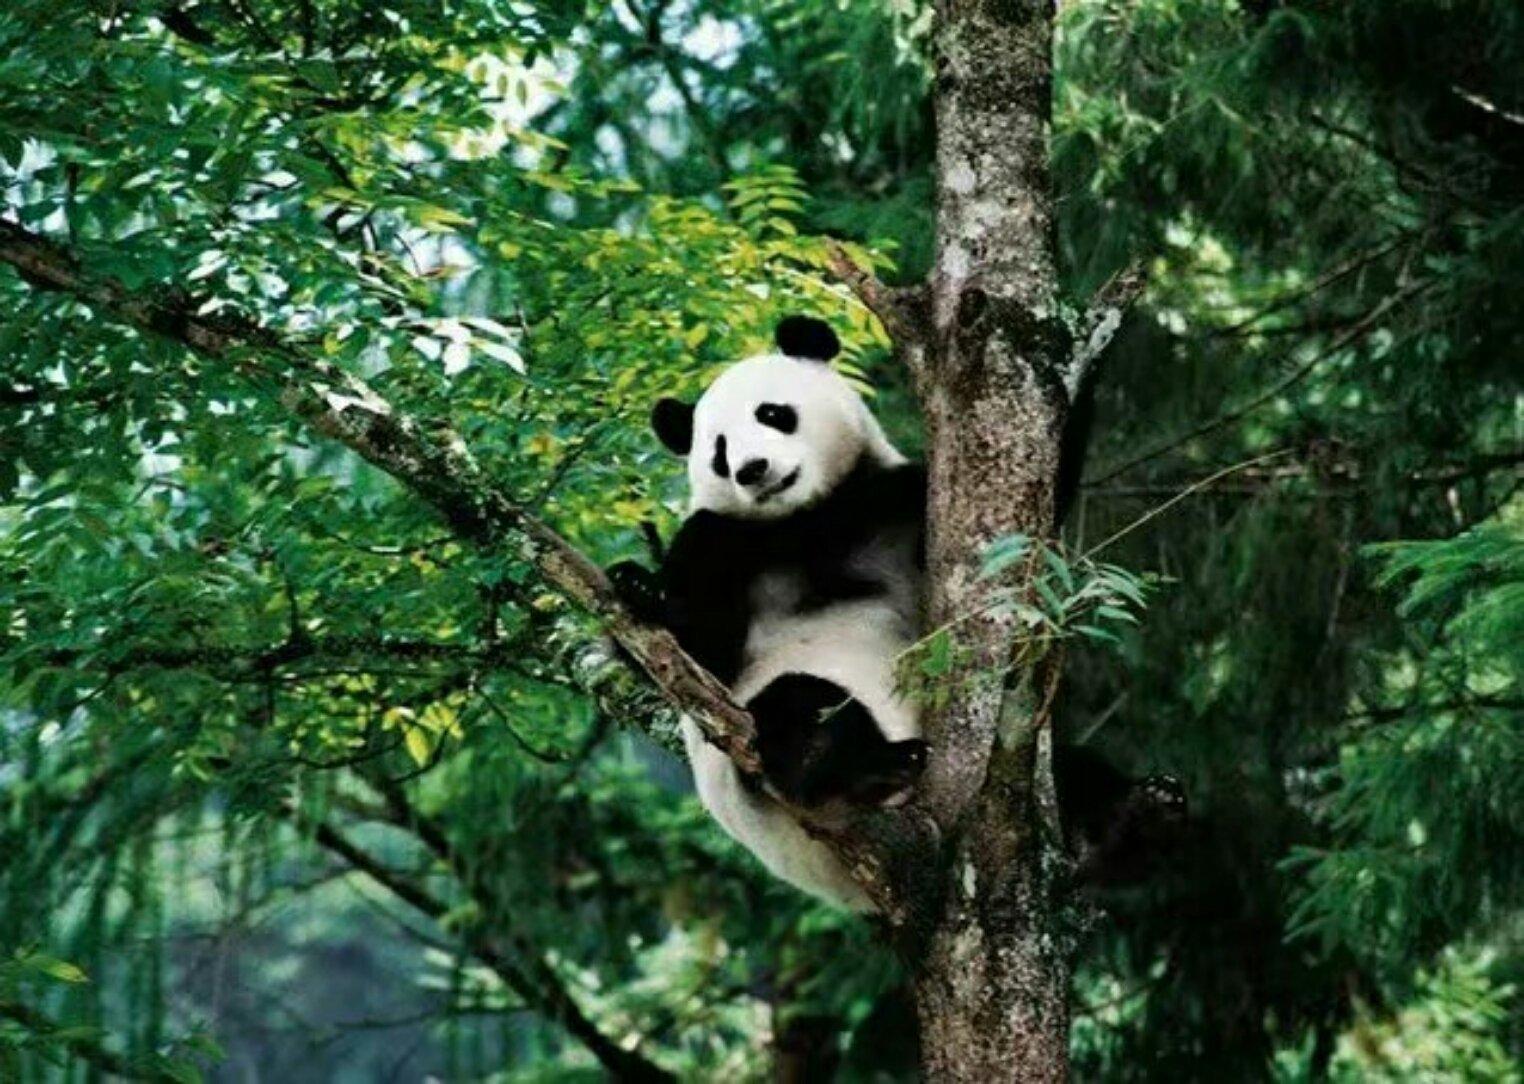 壁纸 大熊猫 动物 灵长目 1524_1084